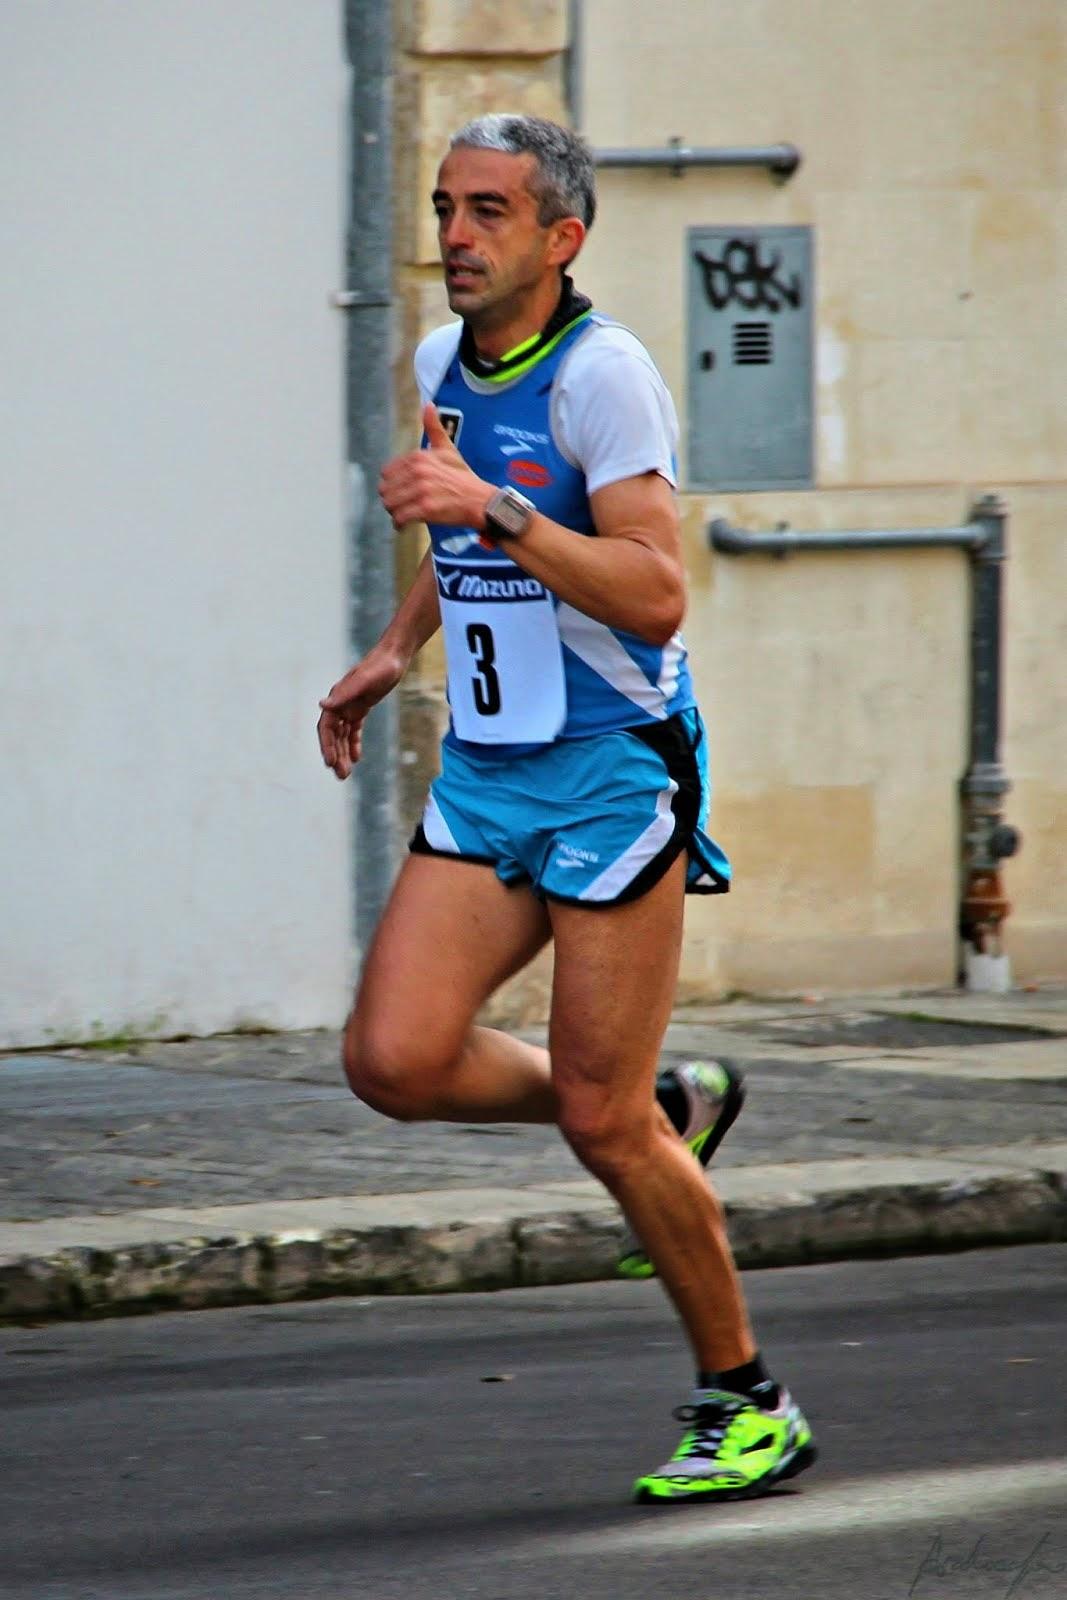 Corri a lecce 2014